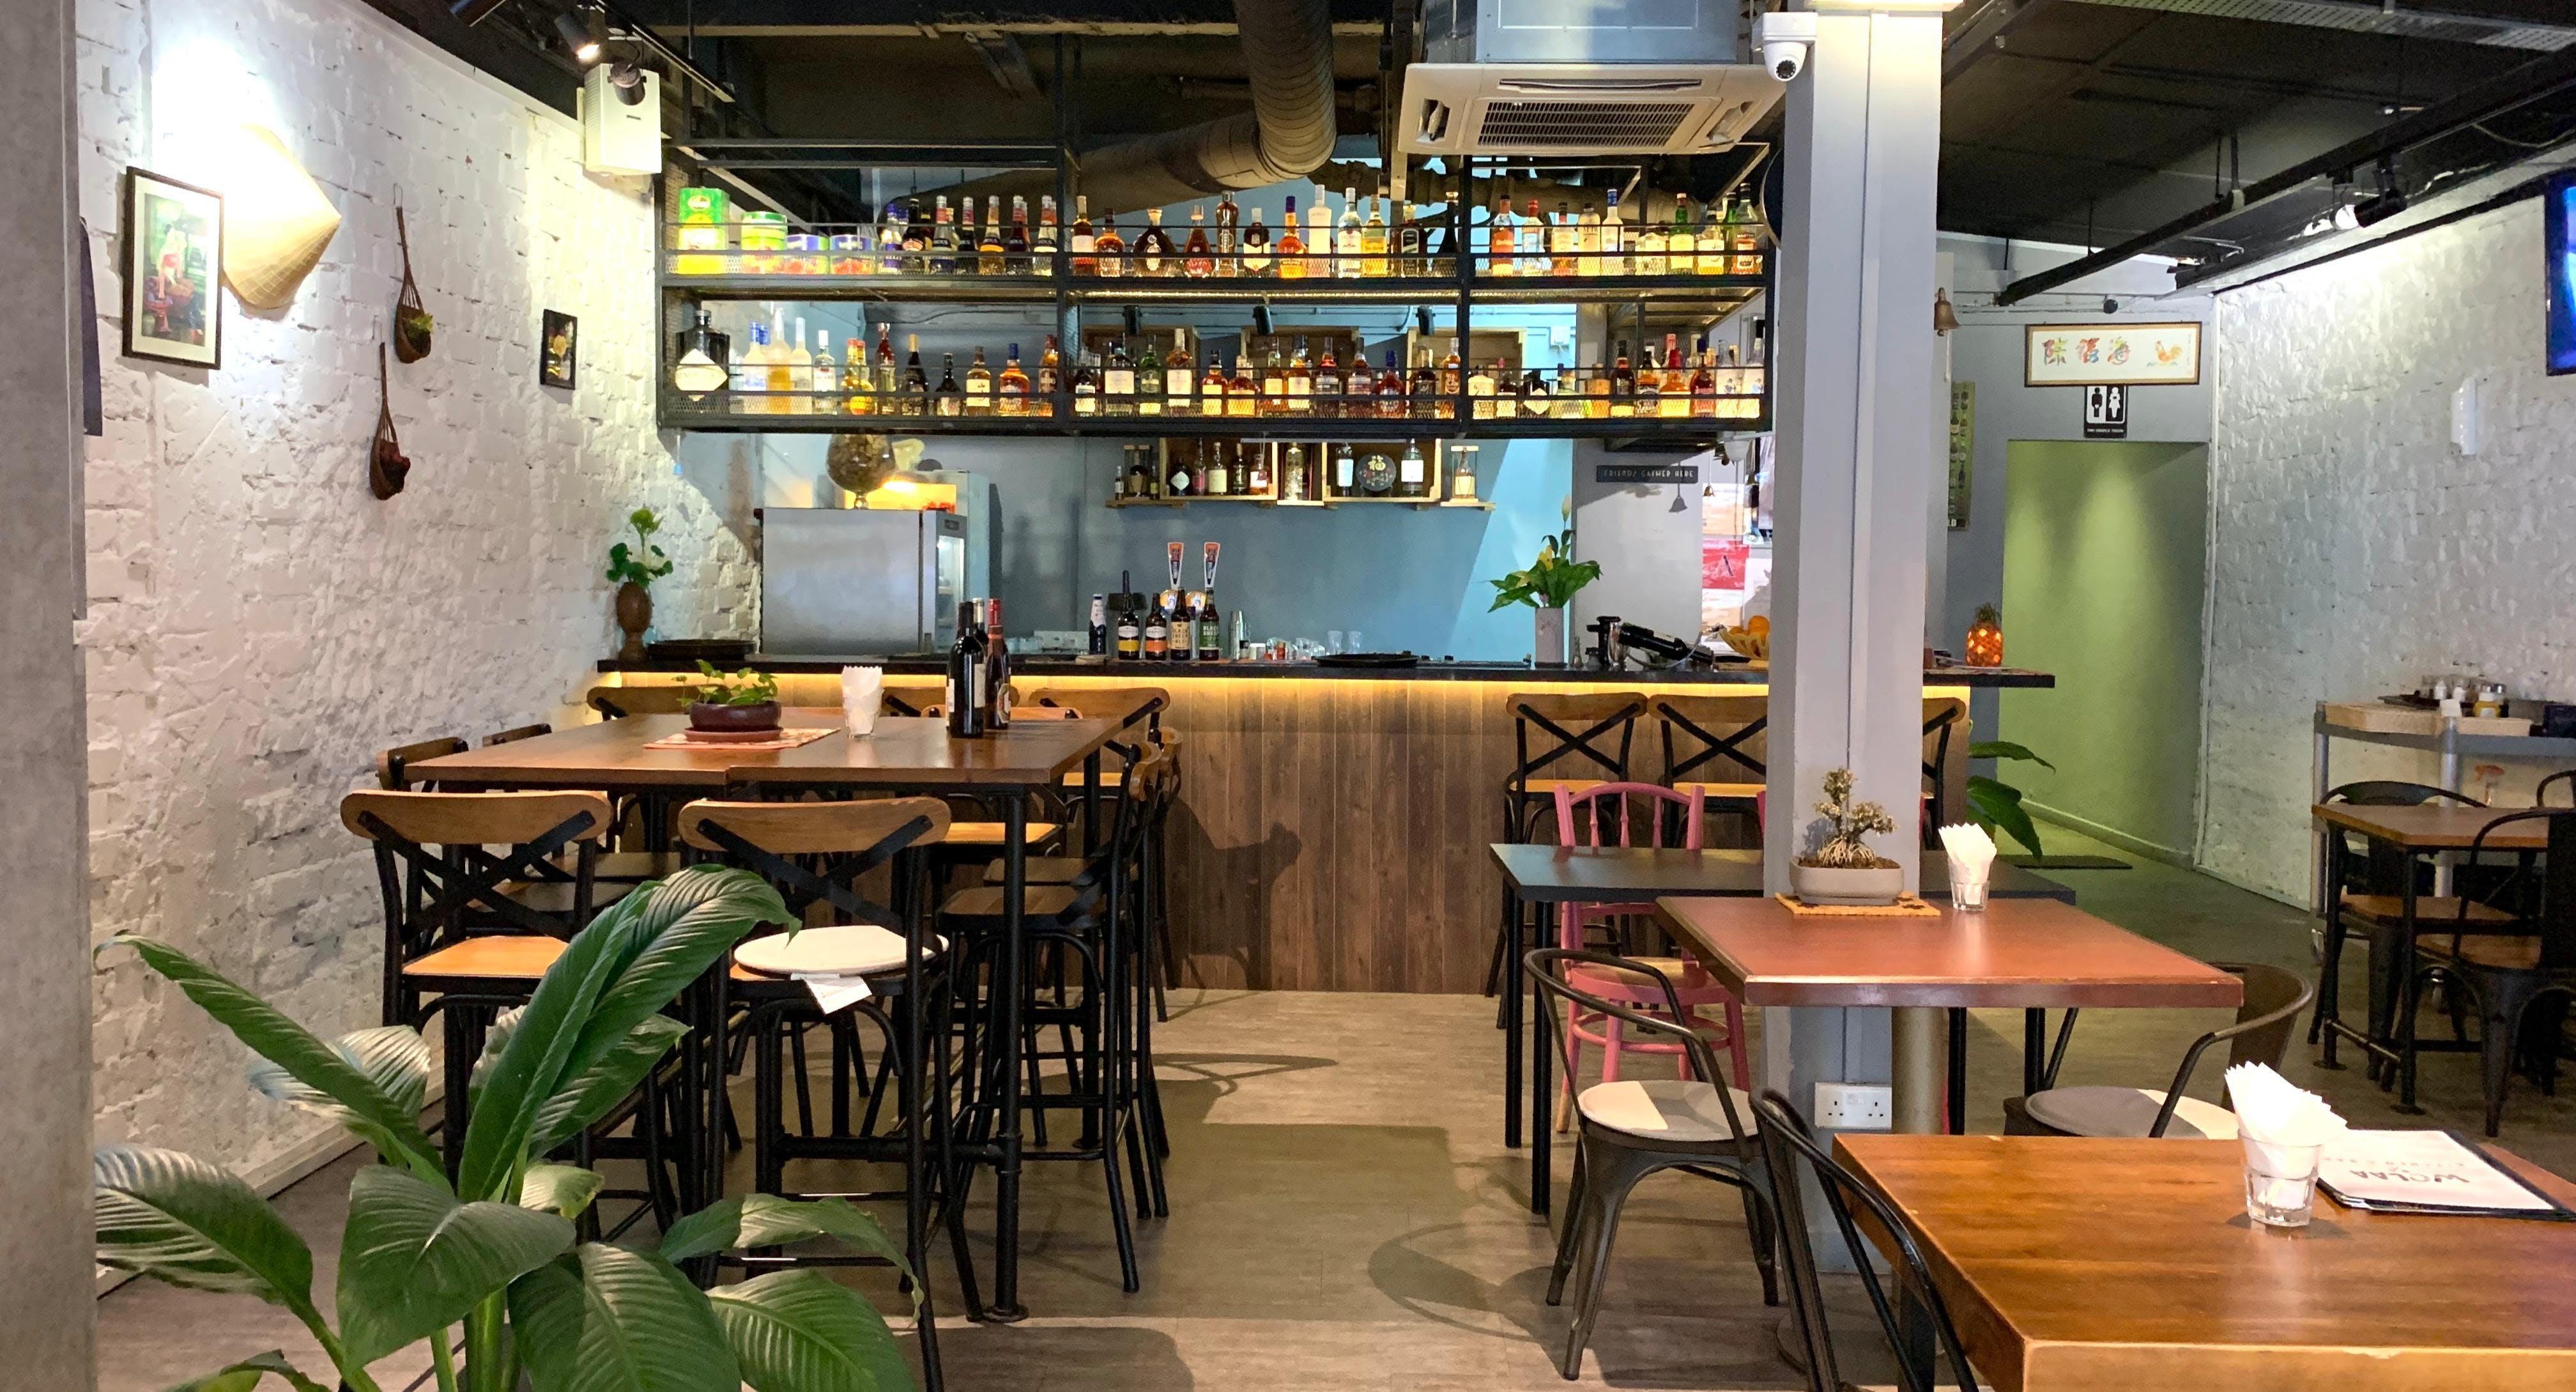 WOLAA Kitchen & Bar